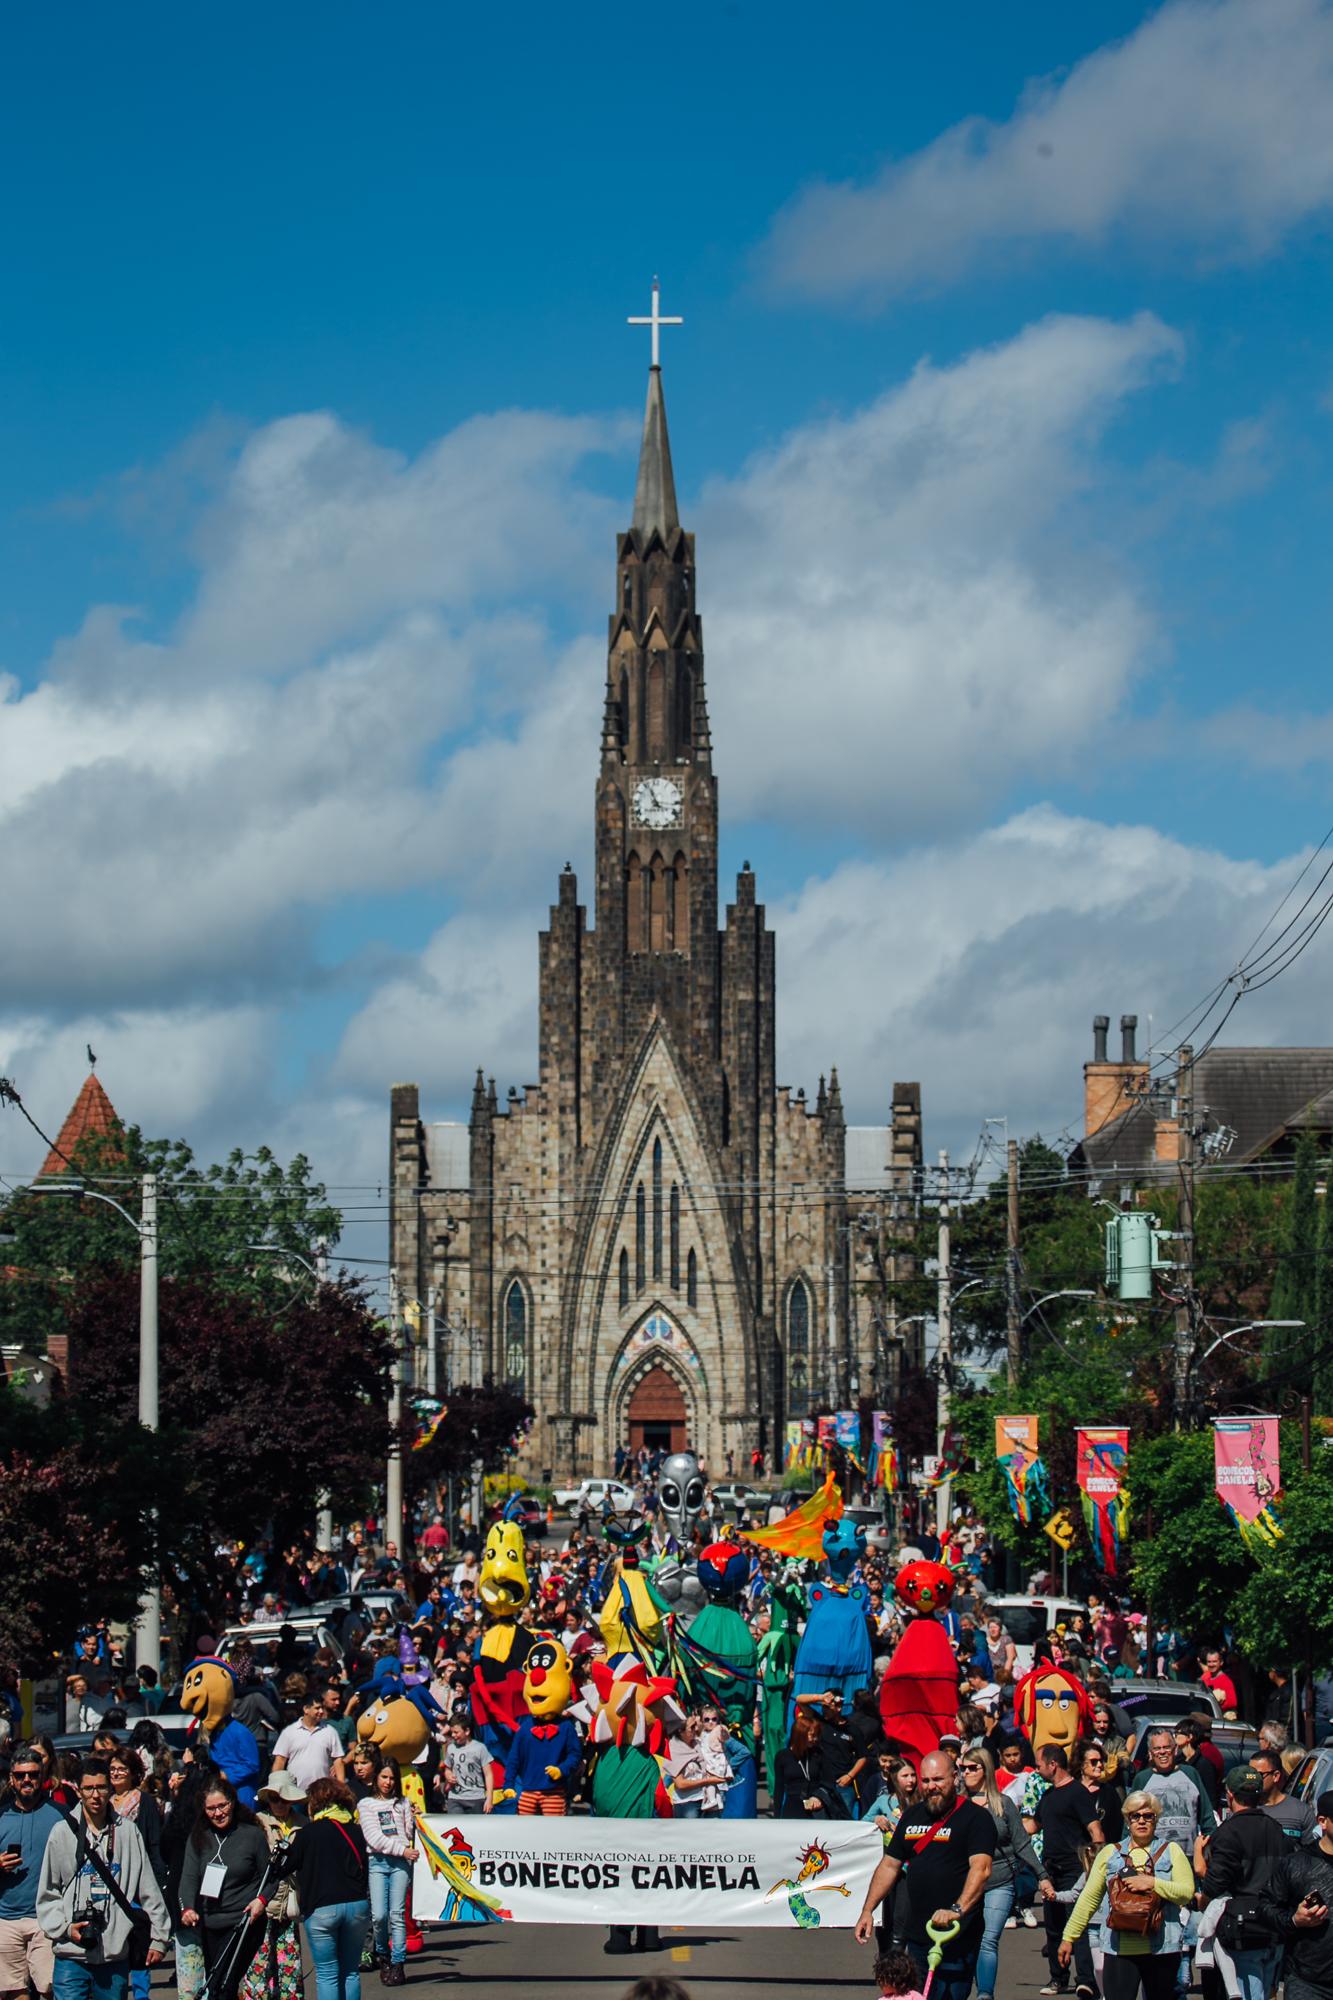 De quinta a domingo,17 a 20, bonecos vindos de diversas partes do mundo tomam conta da cidade com desfiles e exibições totalmente gratuitos